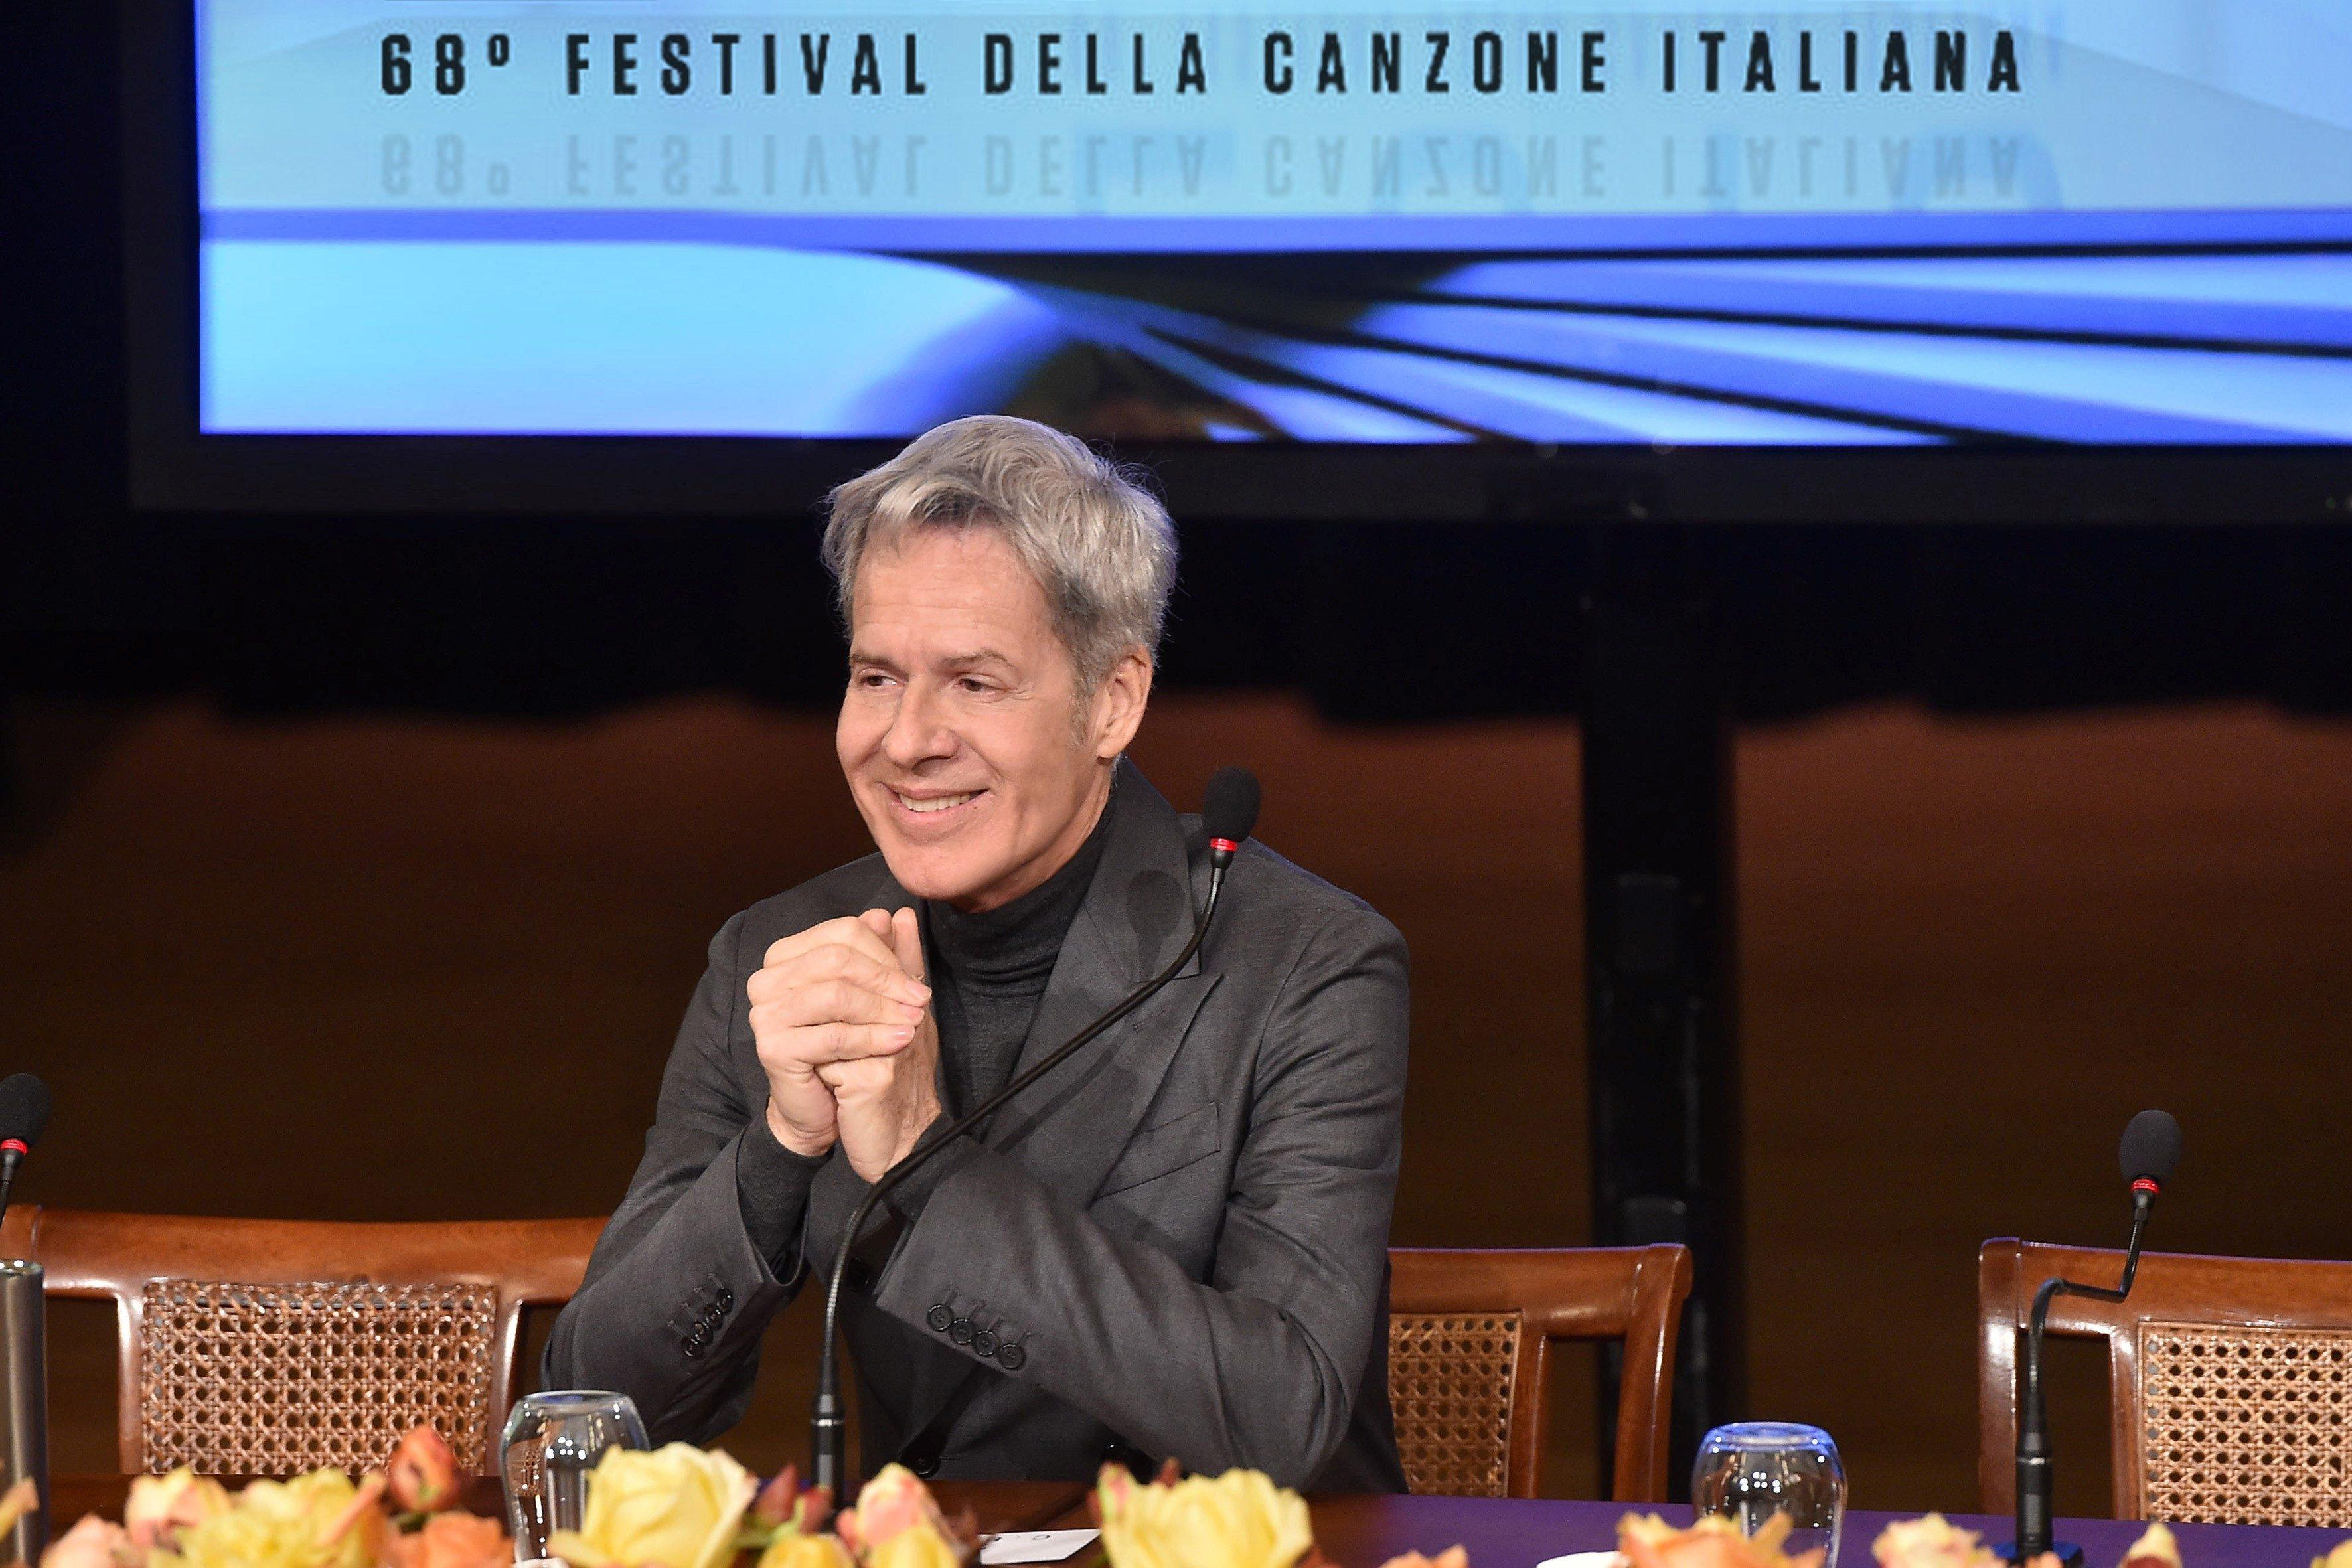 Sanremo 2019, tutti i Big in gara: elenco, canzoni